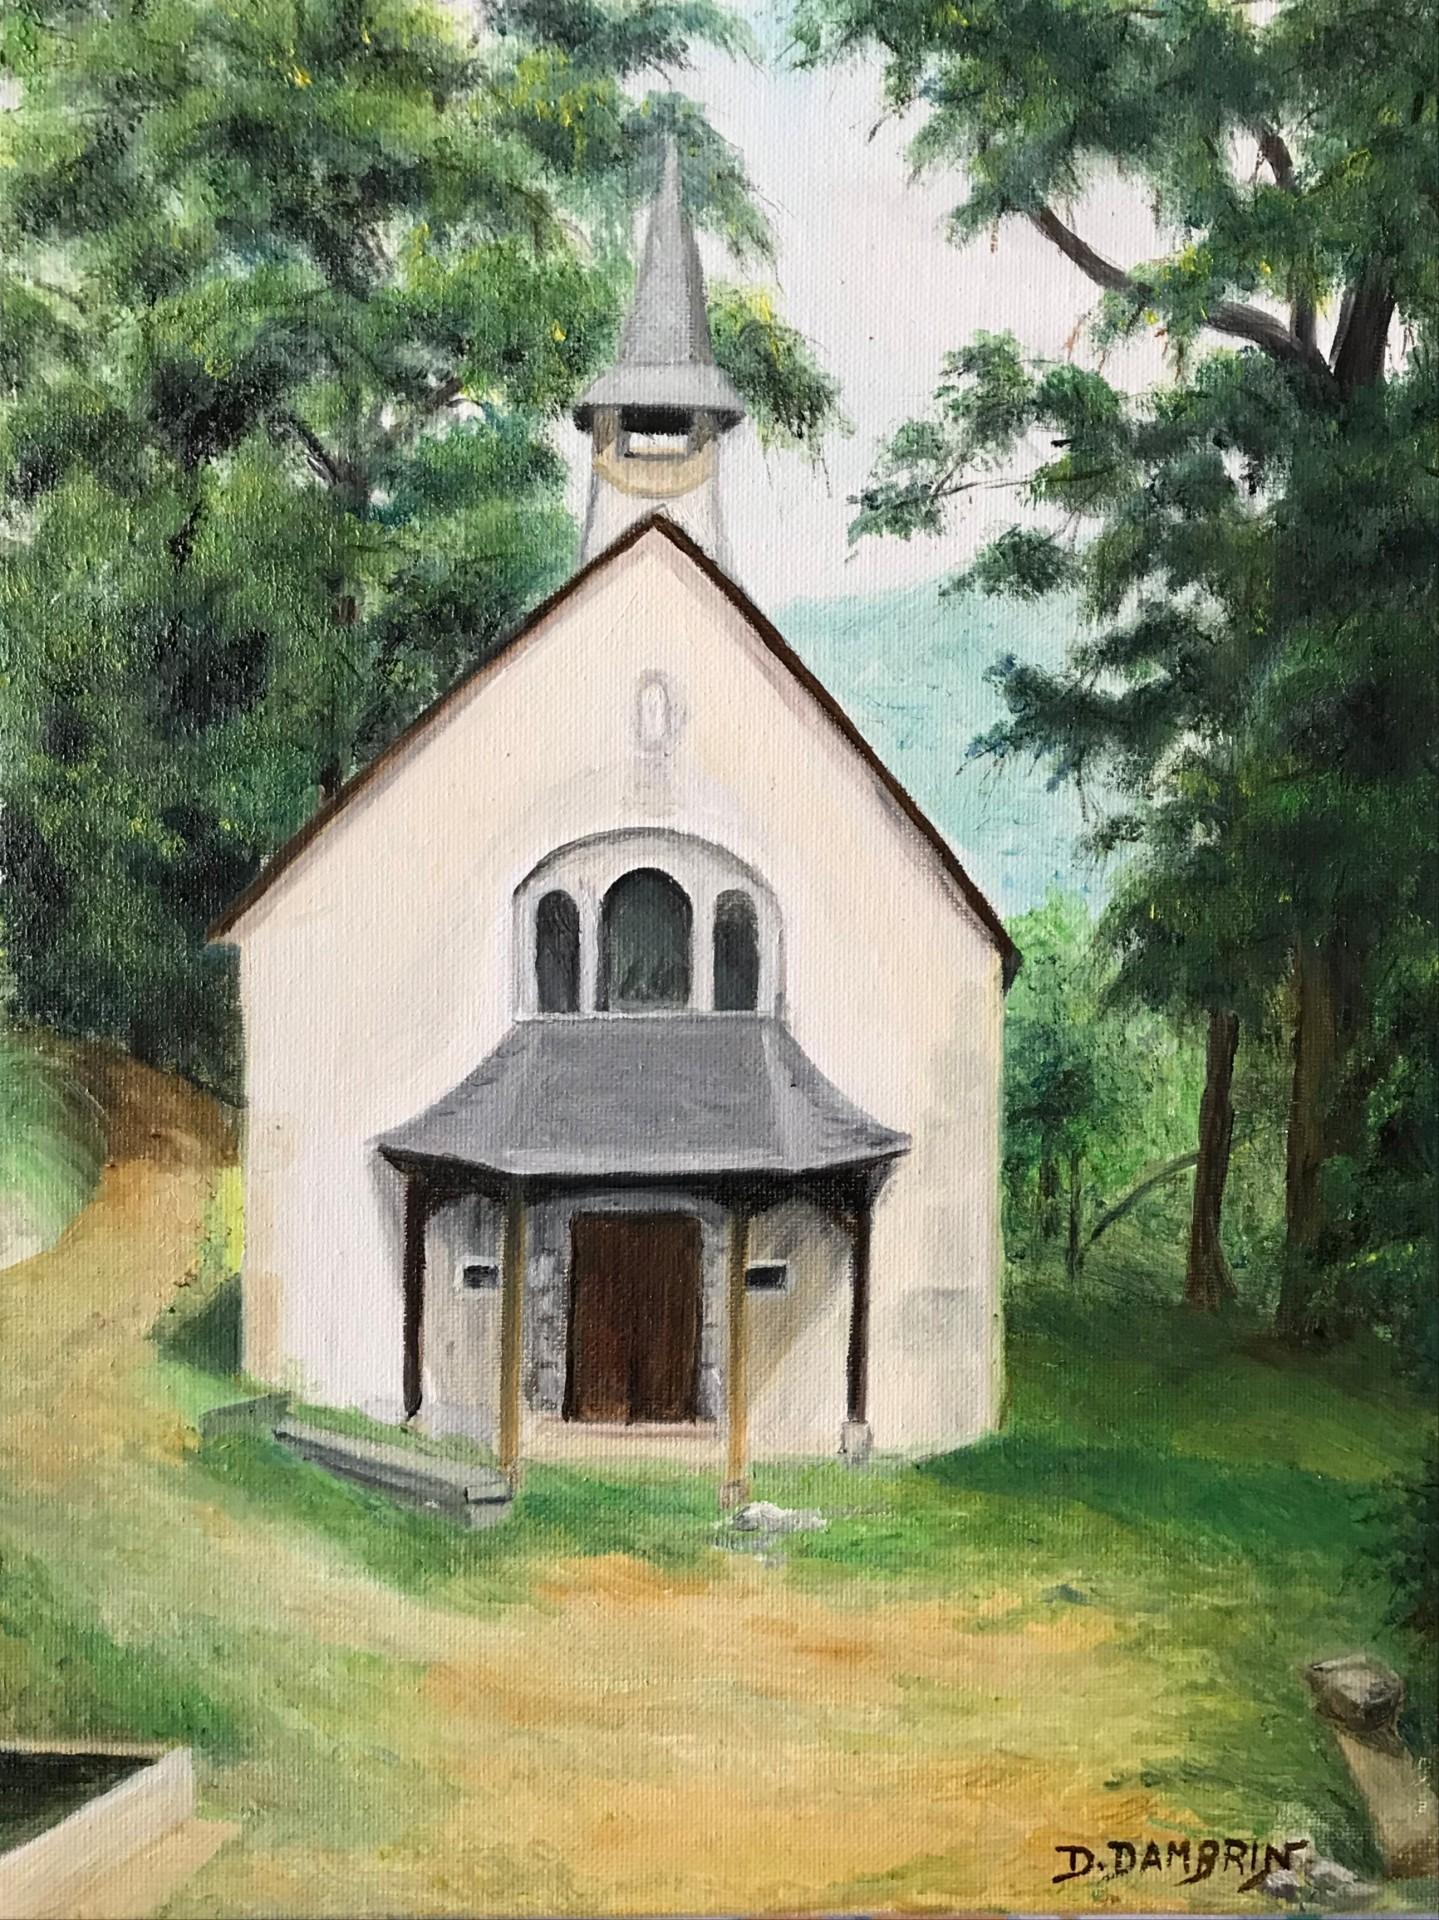 Chapelle d'adoue